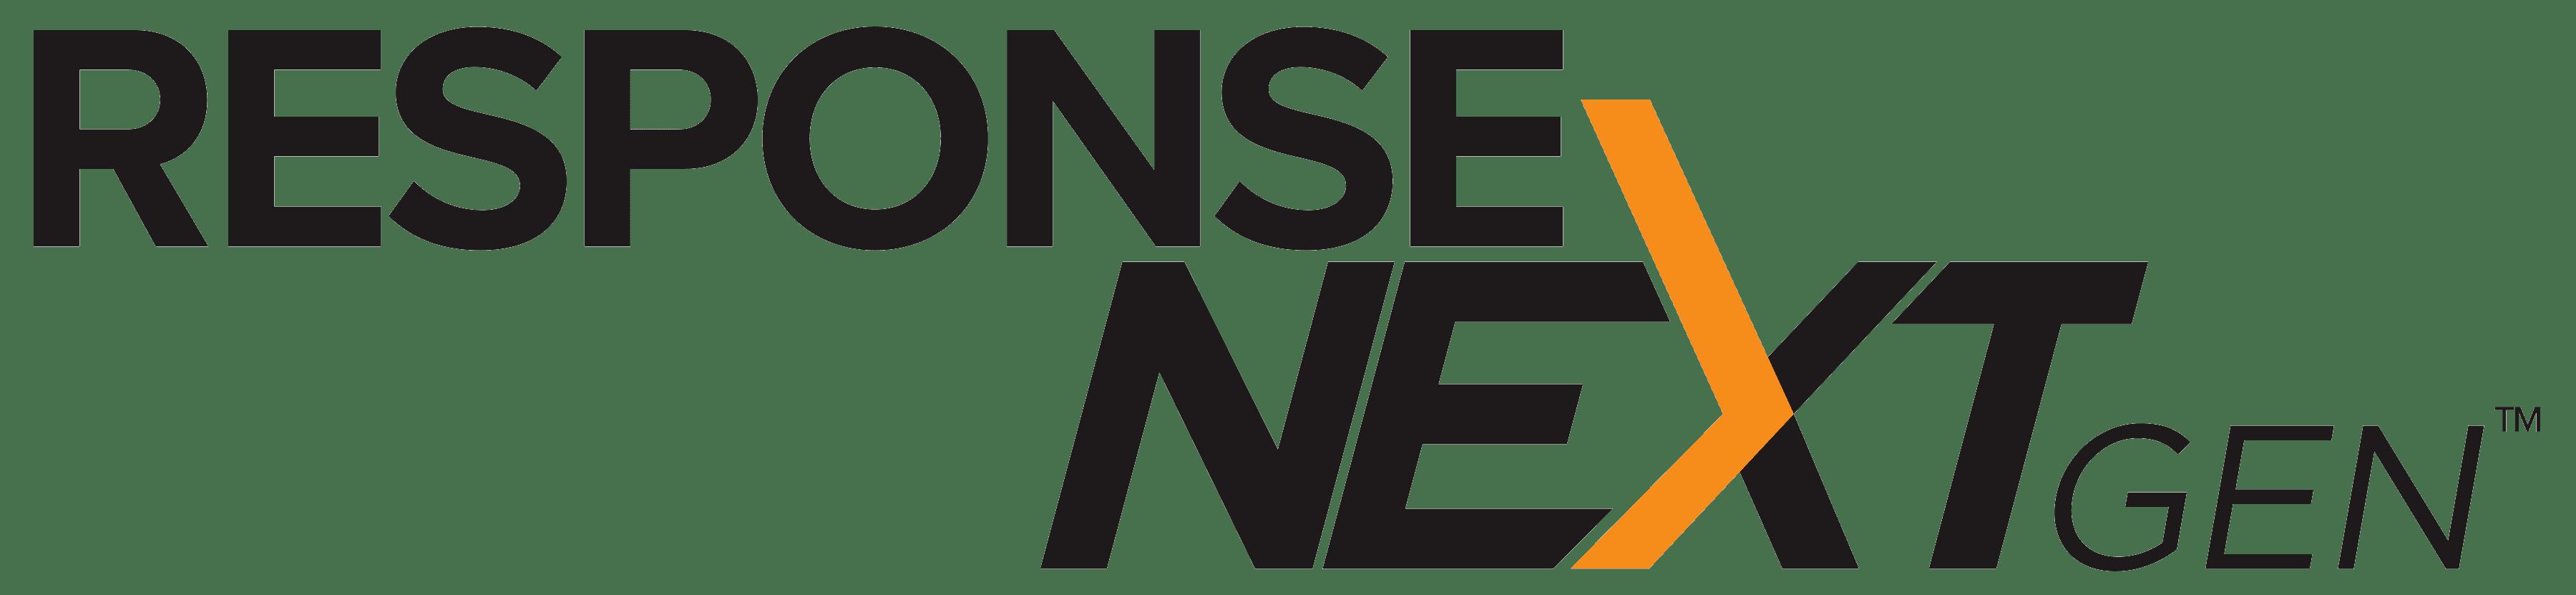 response-nextgen-logo-dark-no-background